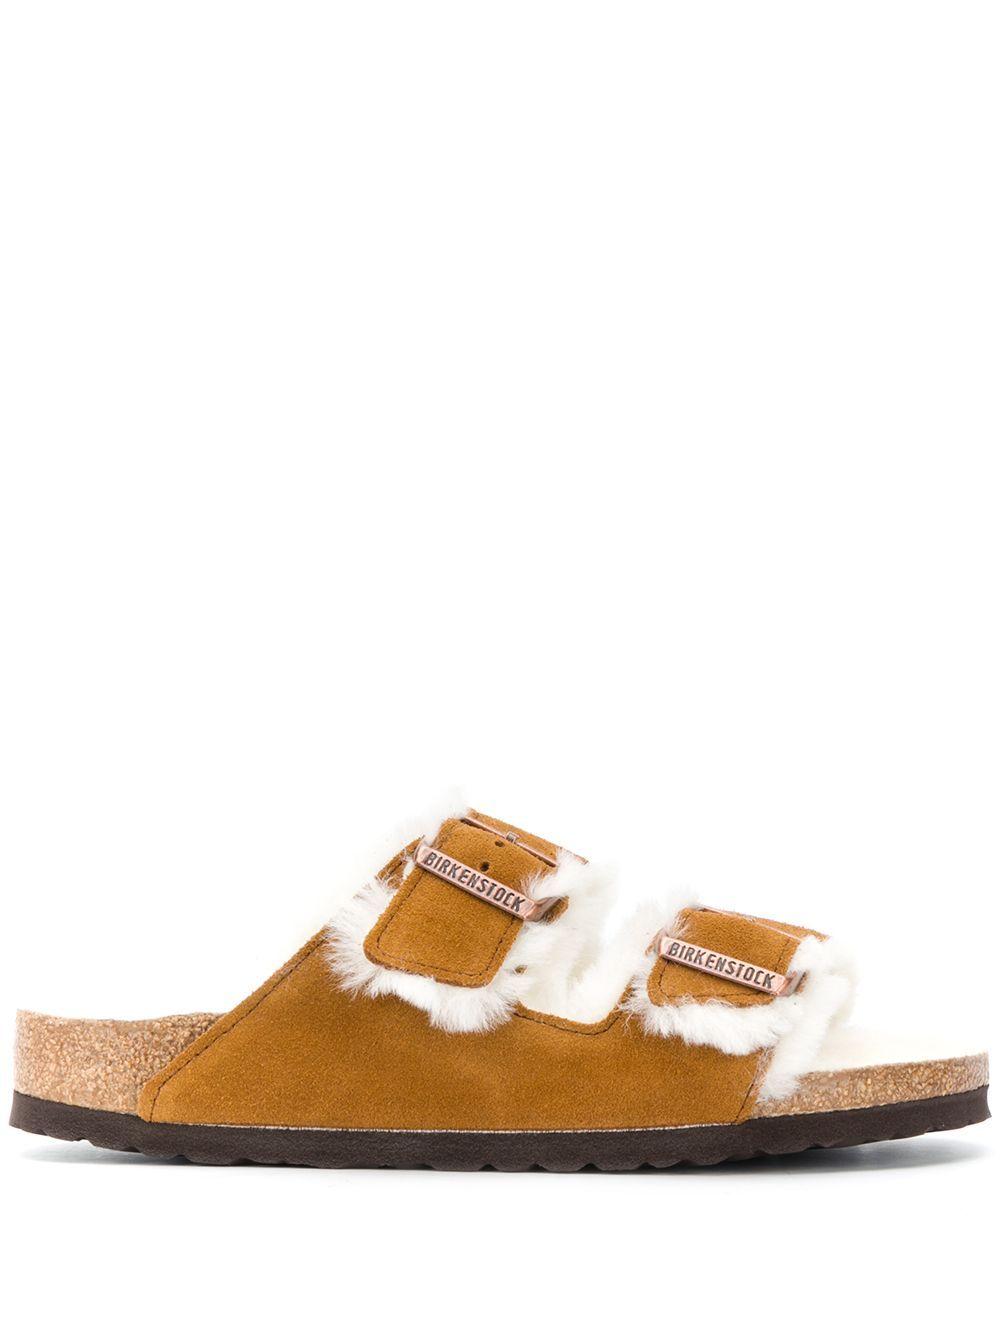 Sandalo arizona